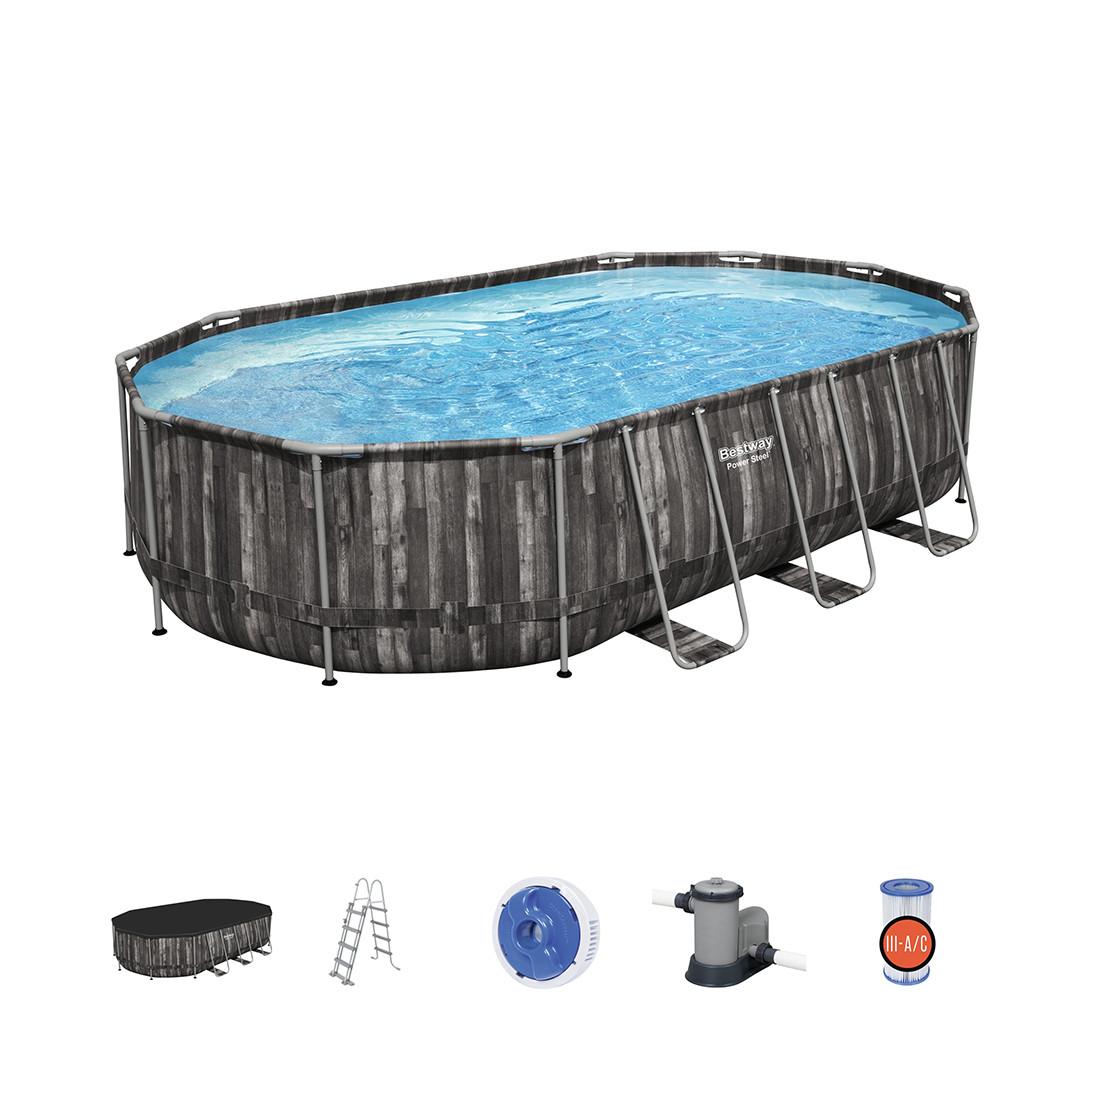 Каркасный бассейн Power Steel Oval 610 х 366 х 122 см, BESTWAY, 5611R